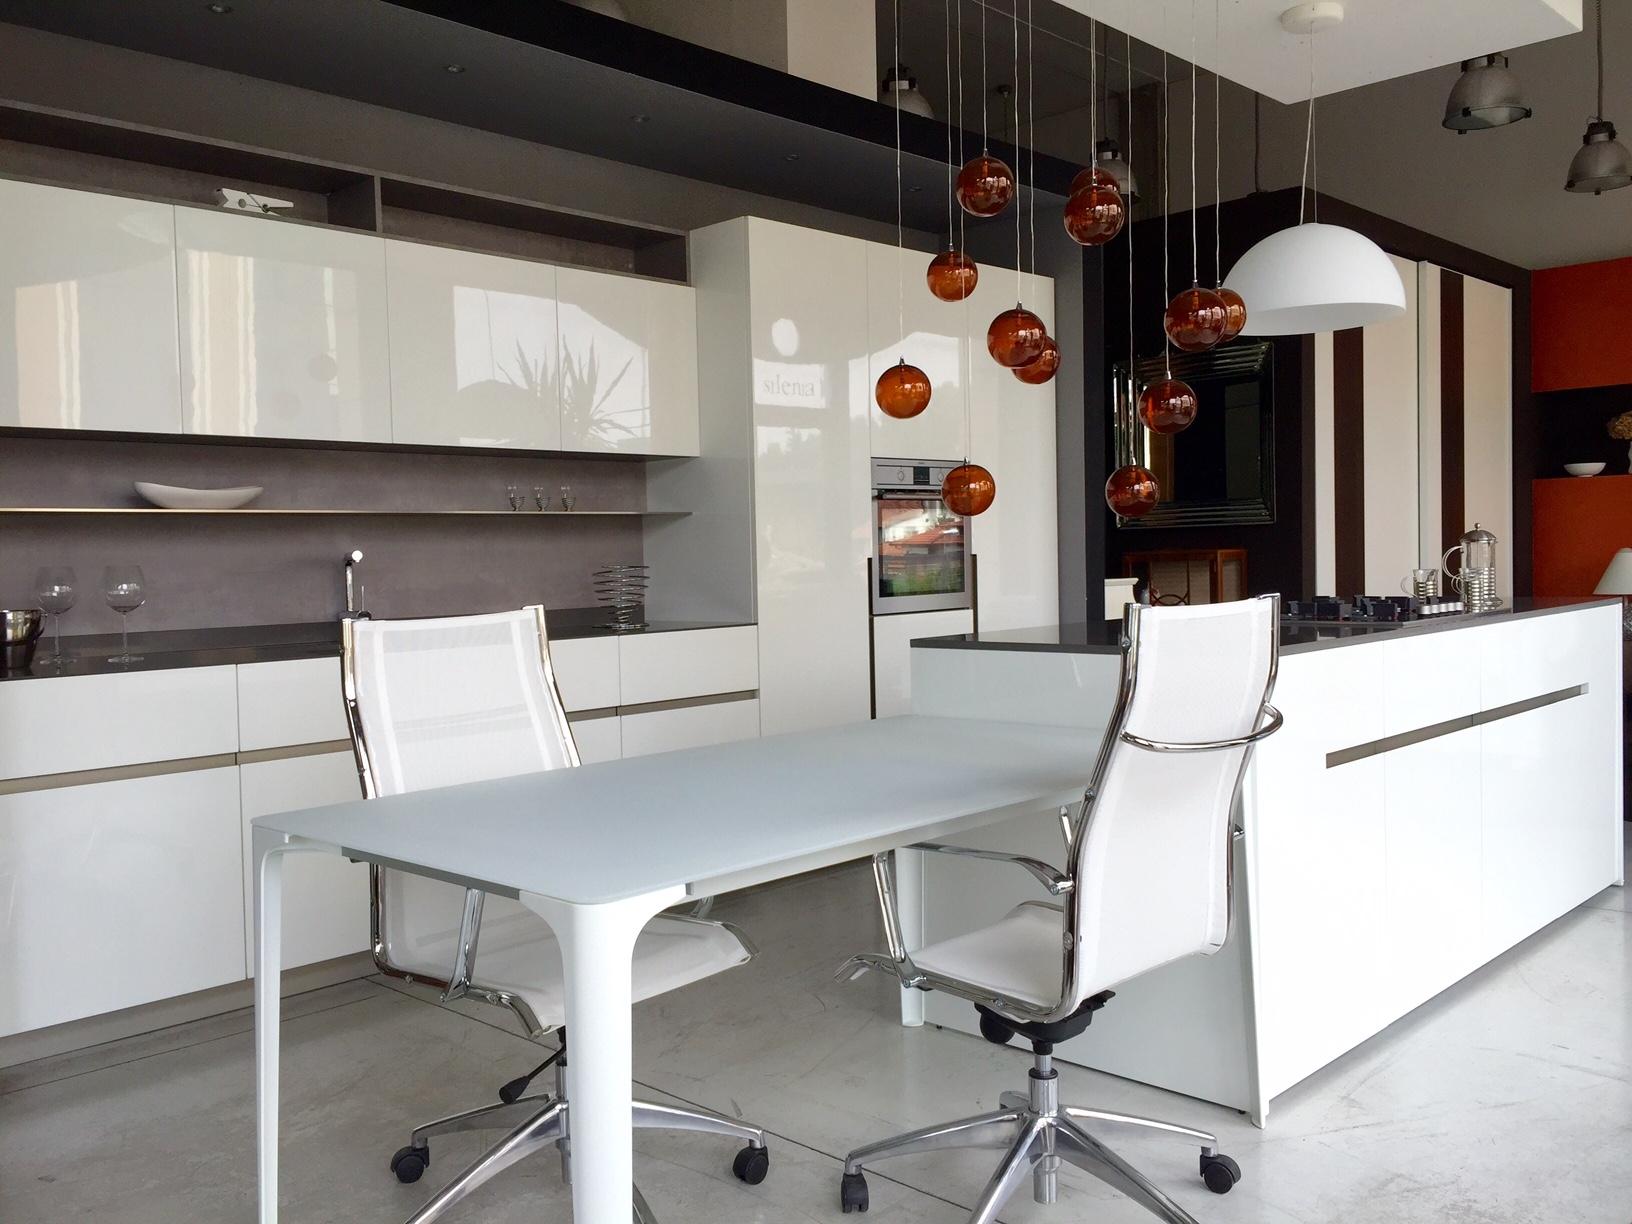 Cucina Elmar modello home Design Laccato Lucido Bianca - Cucine a ...